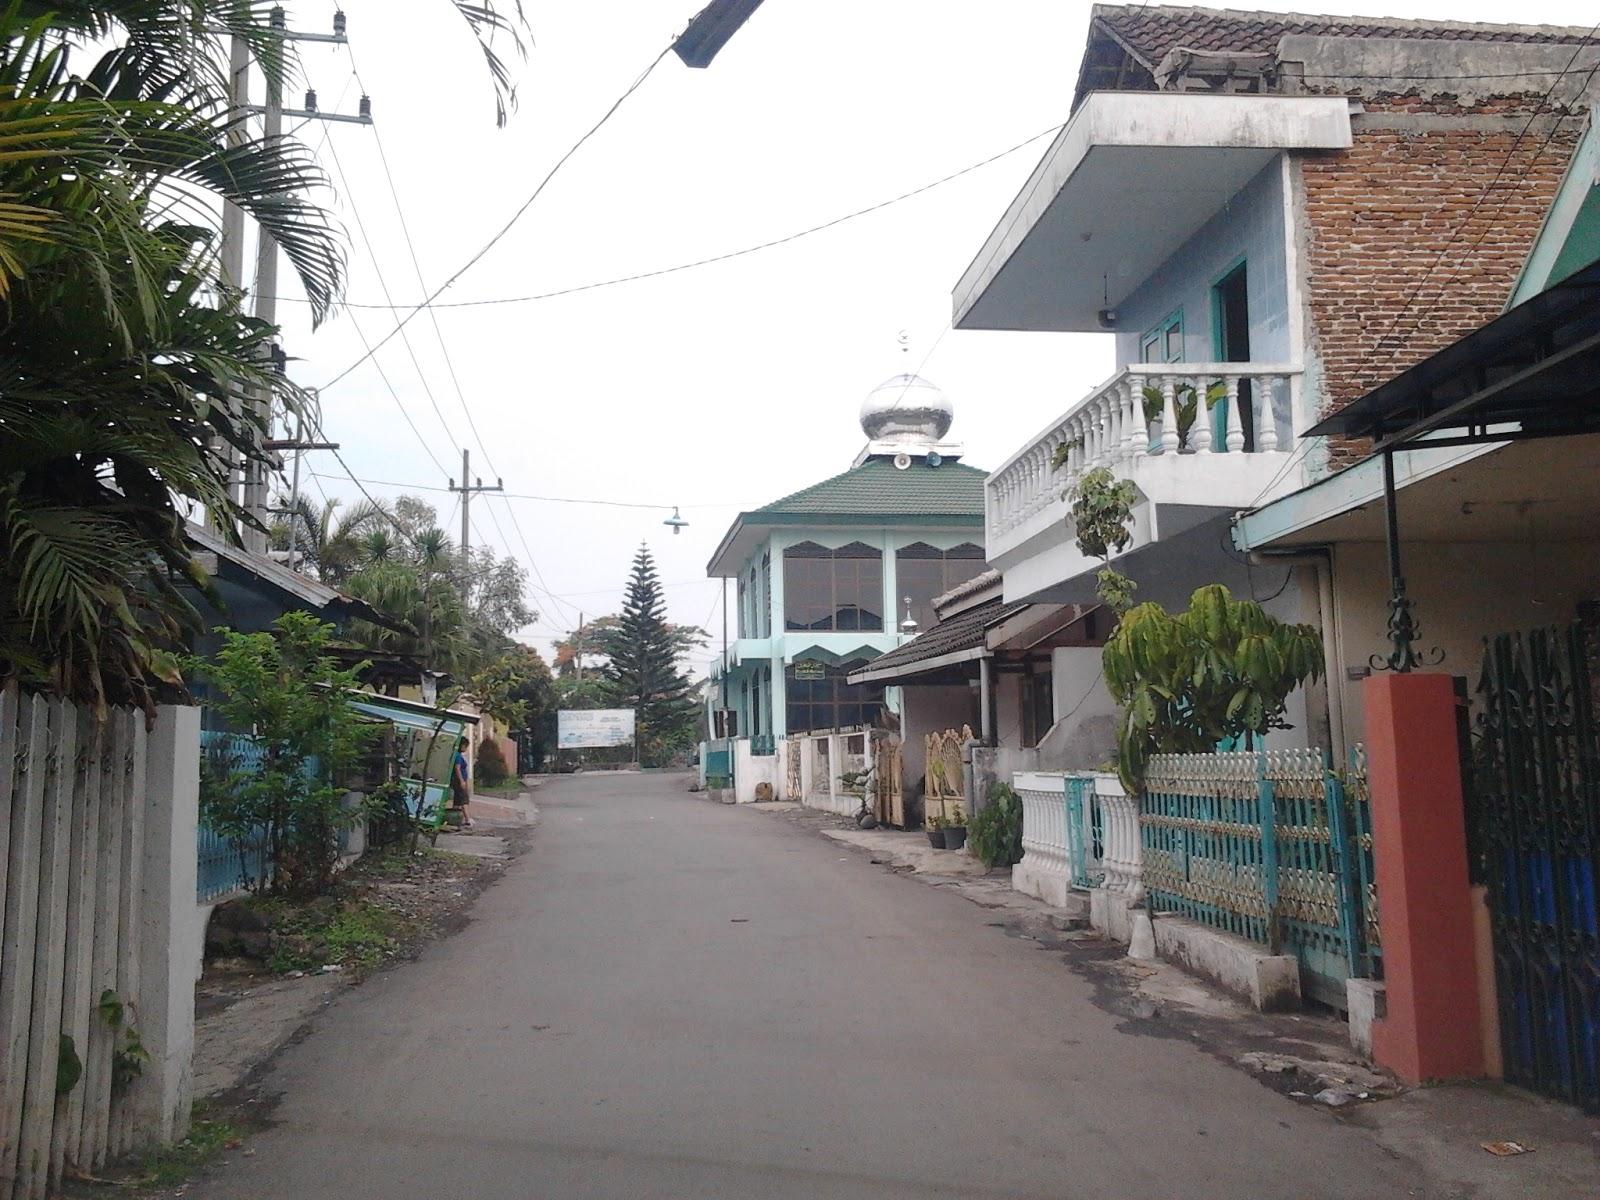 Jalan di Kota Malang: Jalan Candi Bajang Ratu Malang